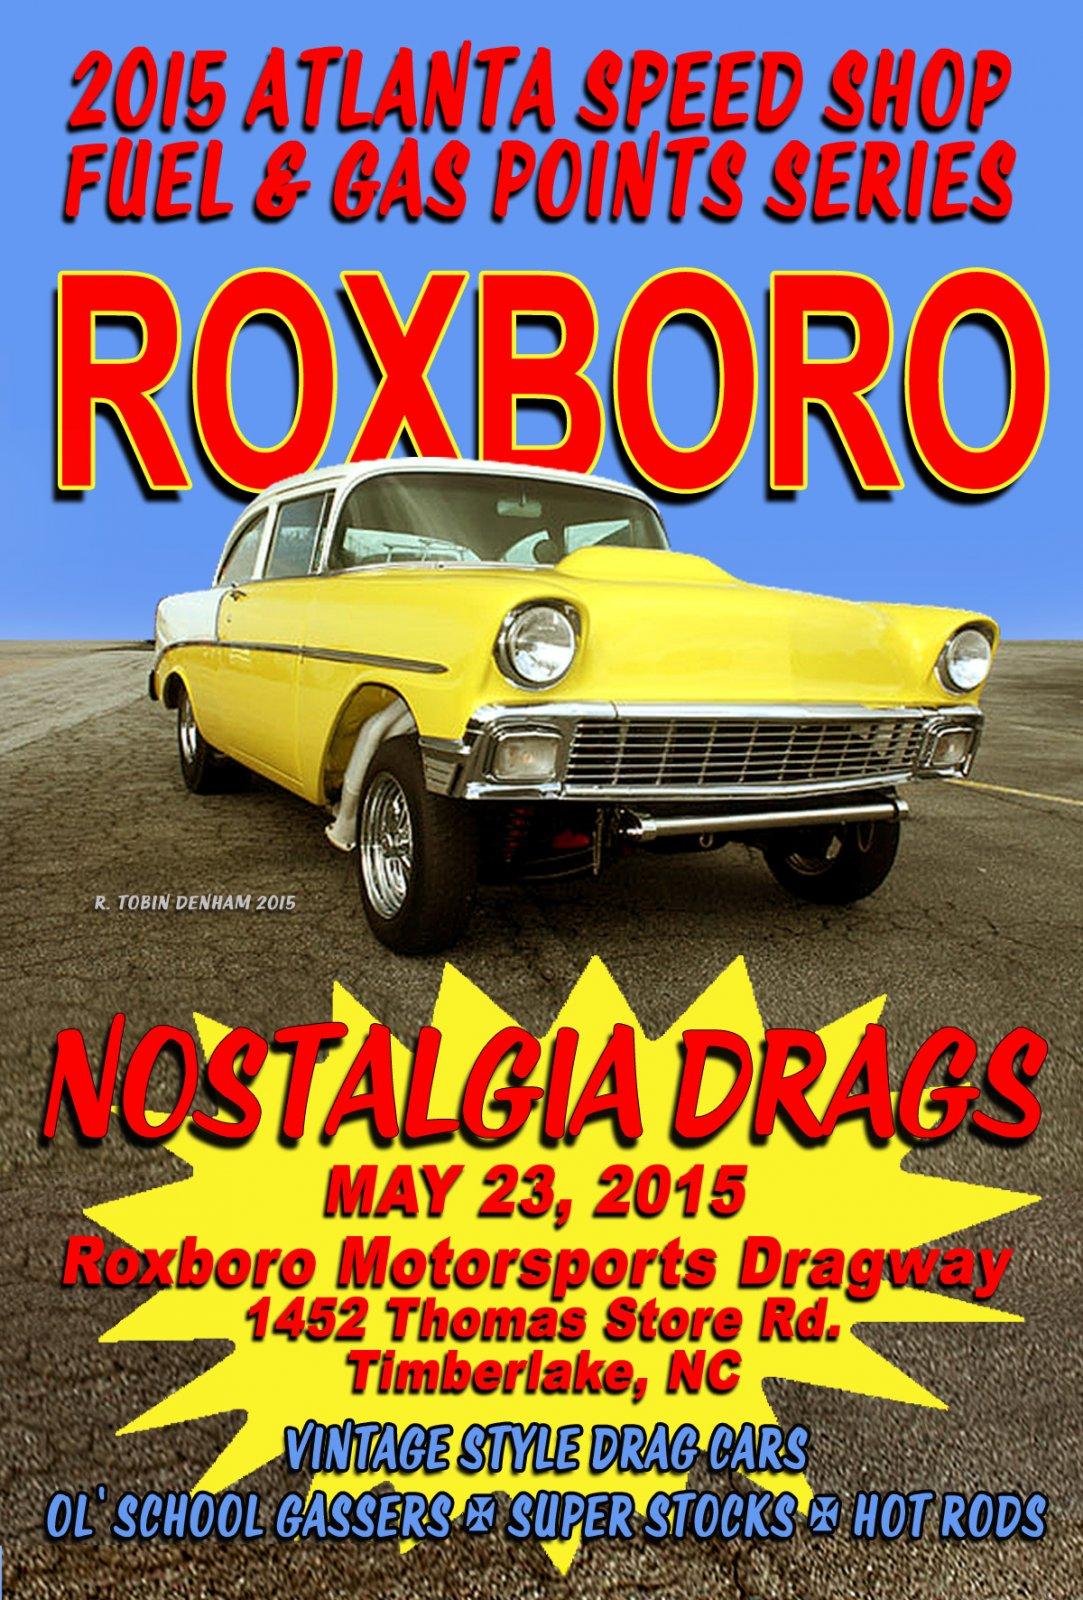 ROXBORO  POSTER 1 .jpg